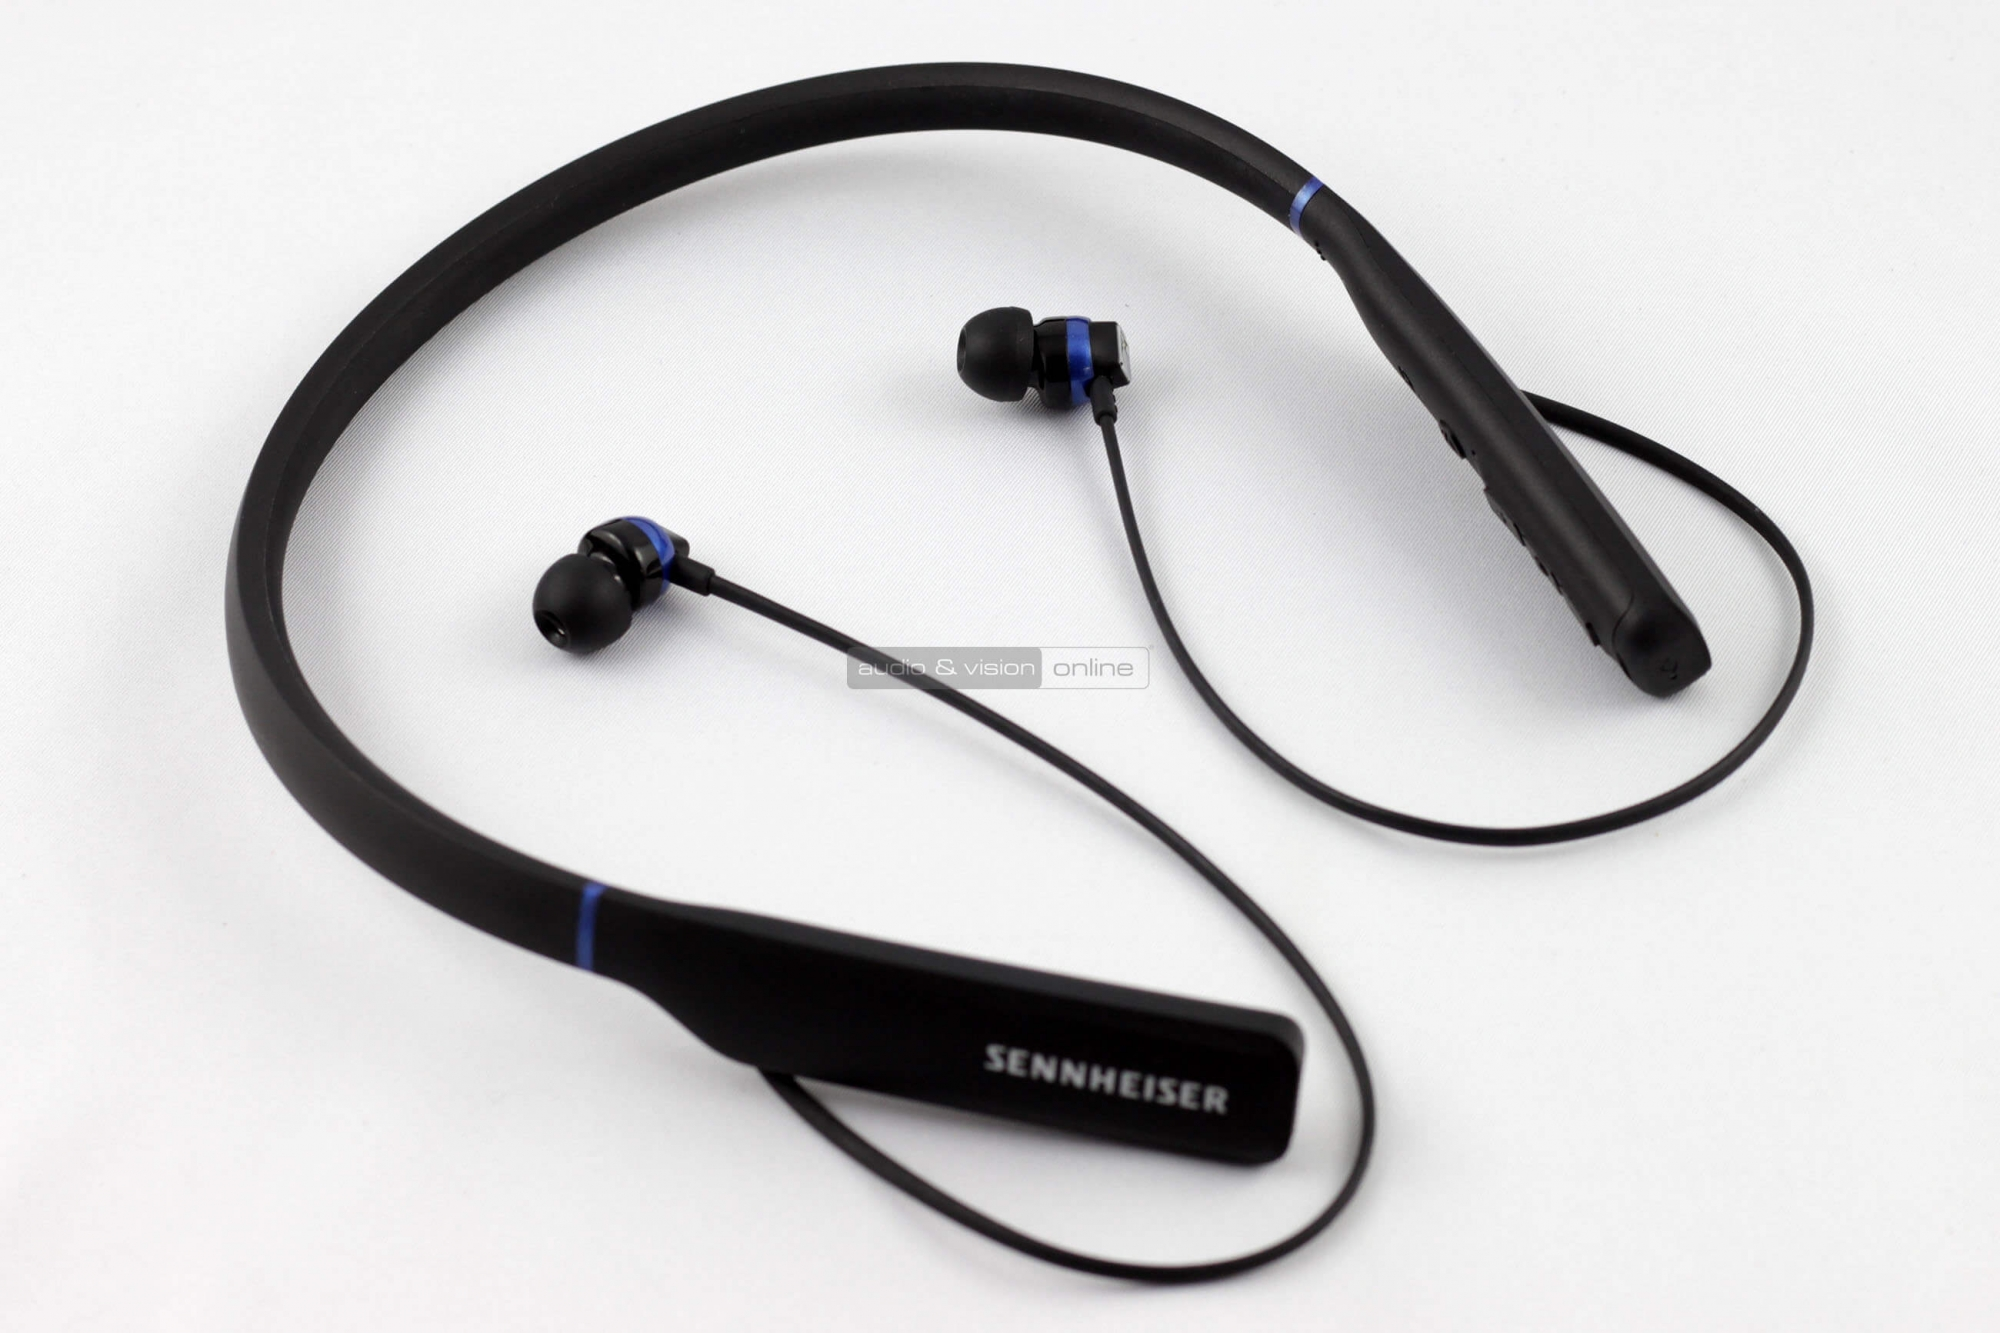 Sennheiser CX 7.00 BT Bluetooth fülhallgató. Kattints ... 1477792477